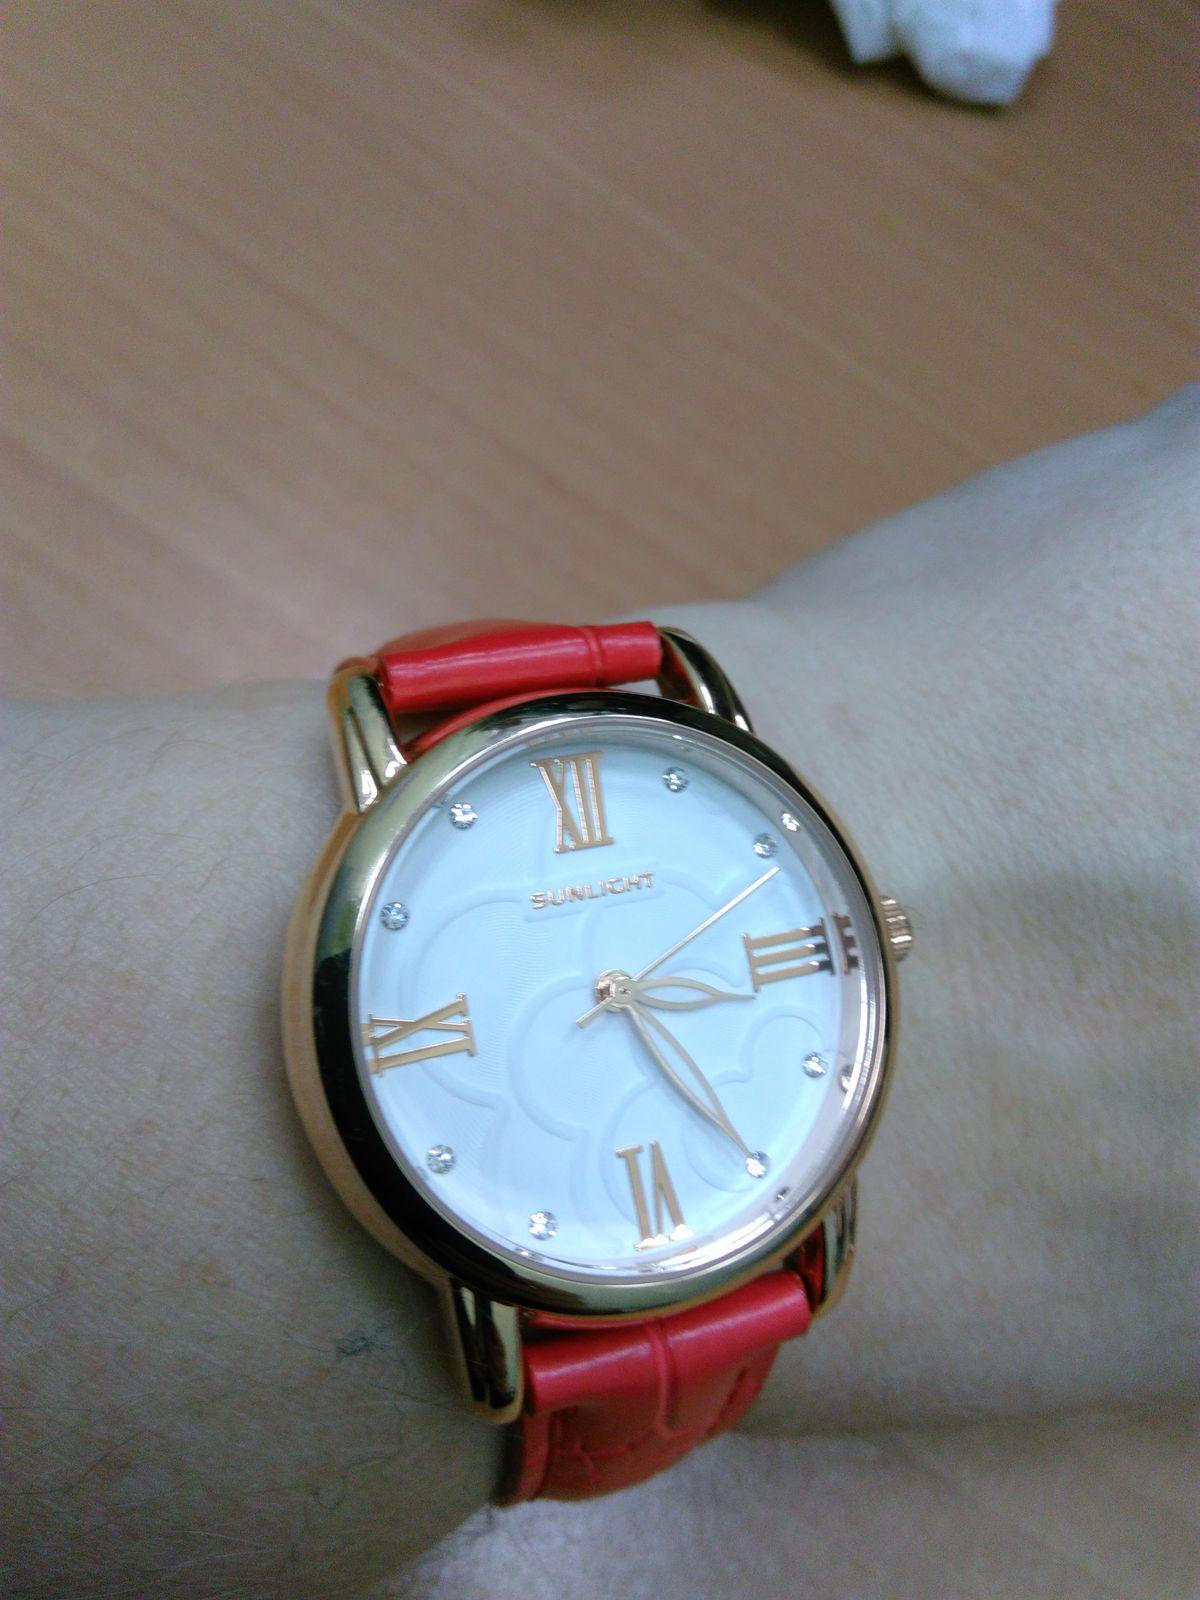 Классные часы)))мне очень нравится, ходят точно. Не подвели ни разу.